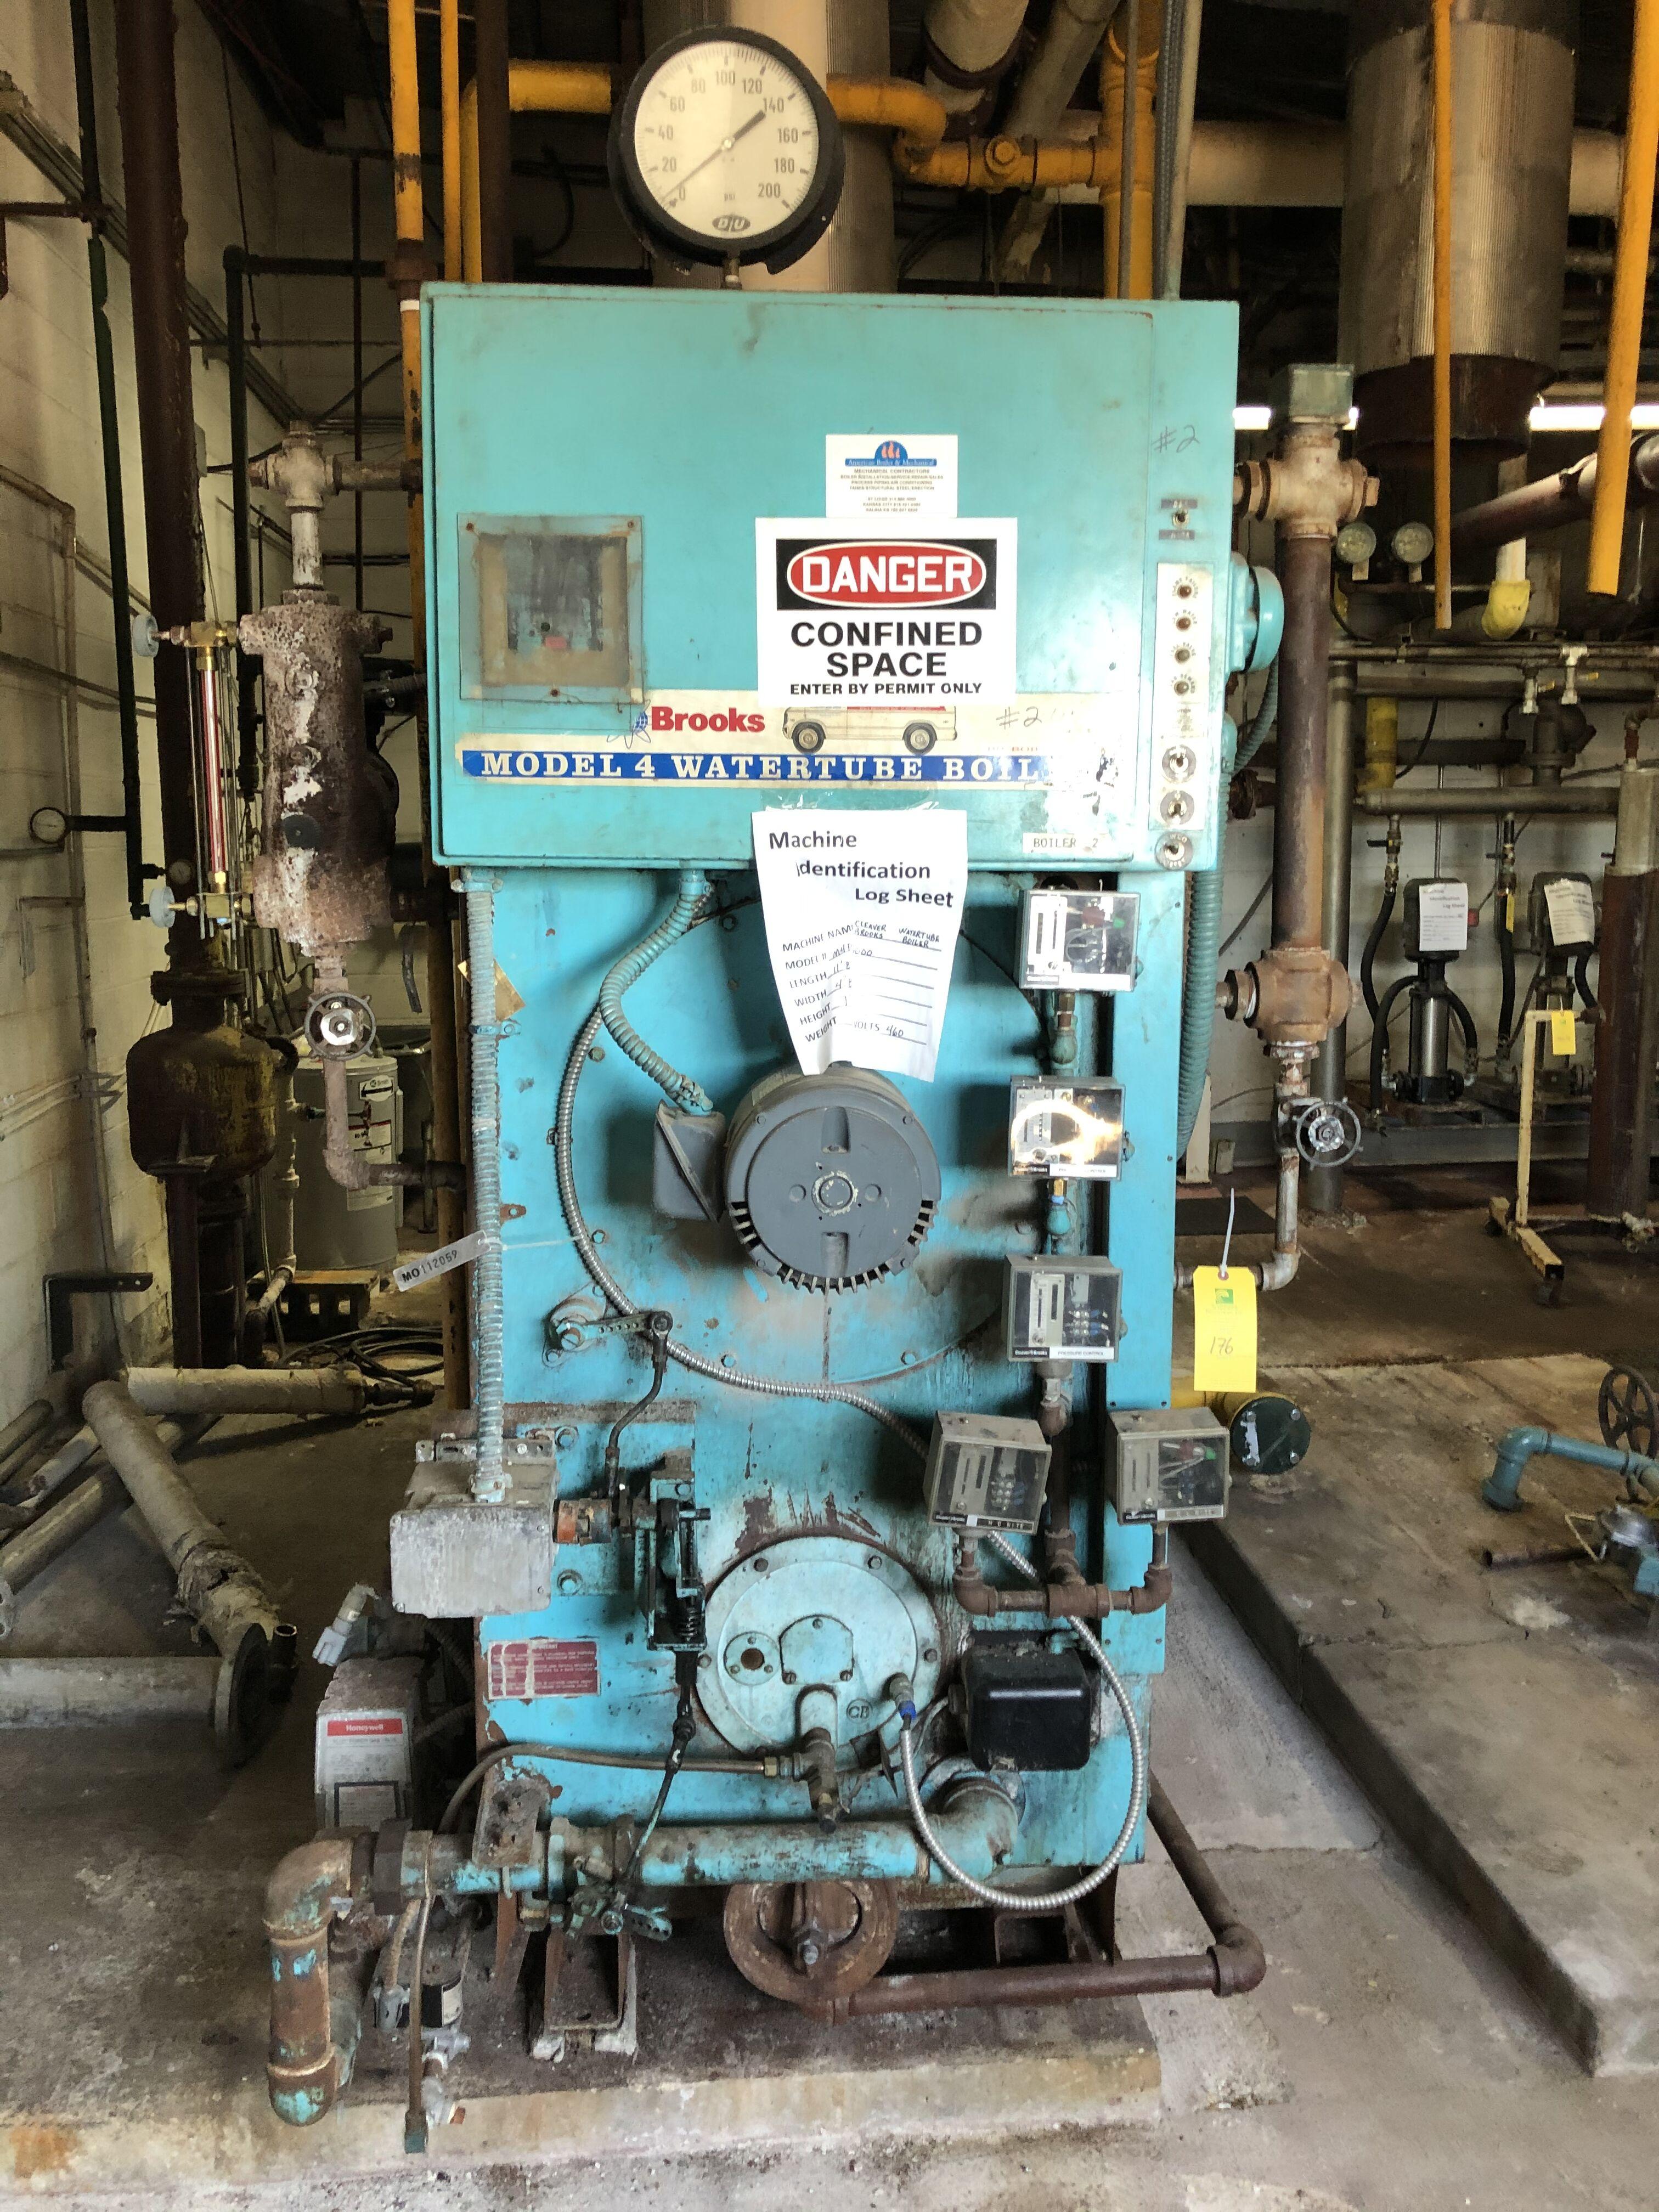 Lot 176 - Cleaver Brooks Water Tube Boiler, Model #M4P-6000, L = 11.8ft. W = 4.8ft. H = 7ft. S/N #46029666,